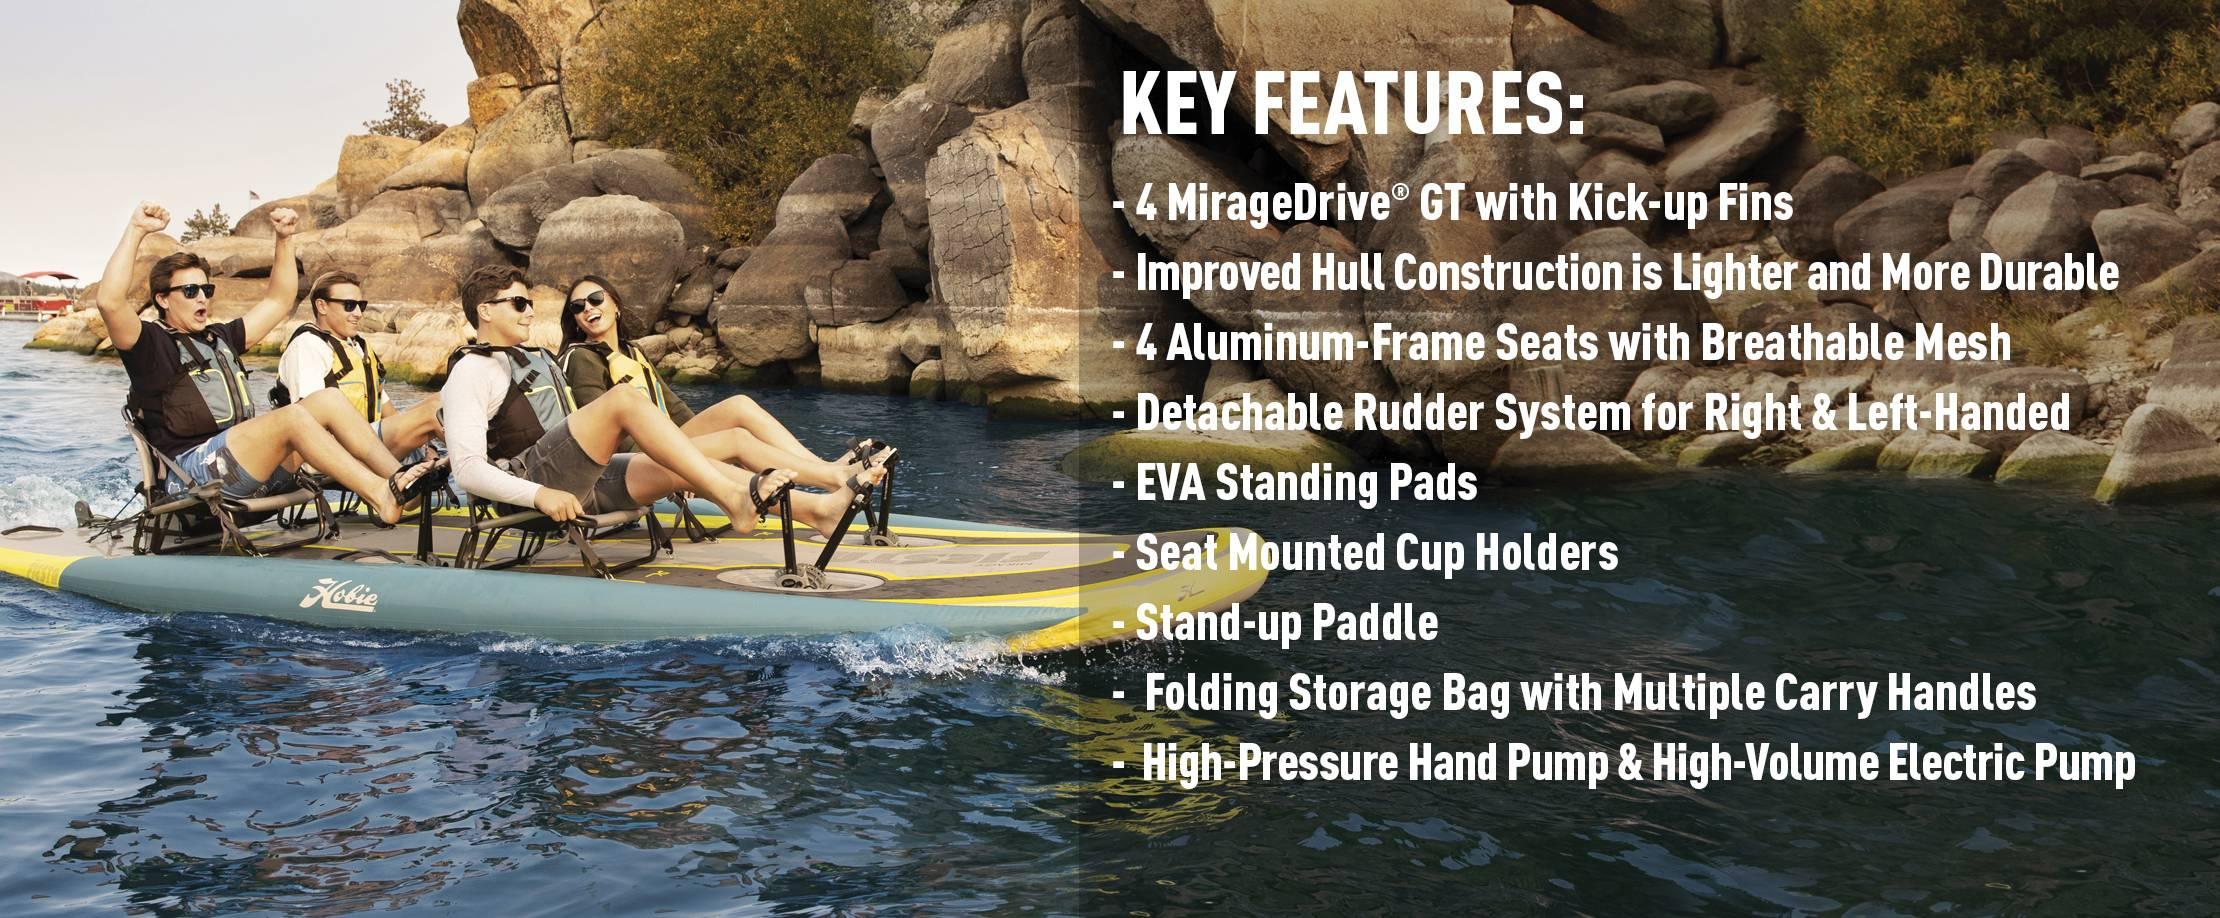 Mirage iTrek Fiesta Features